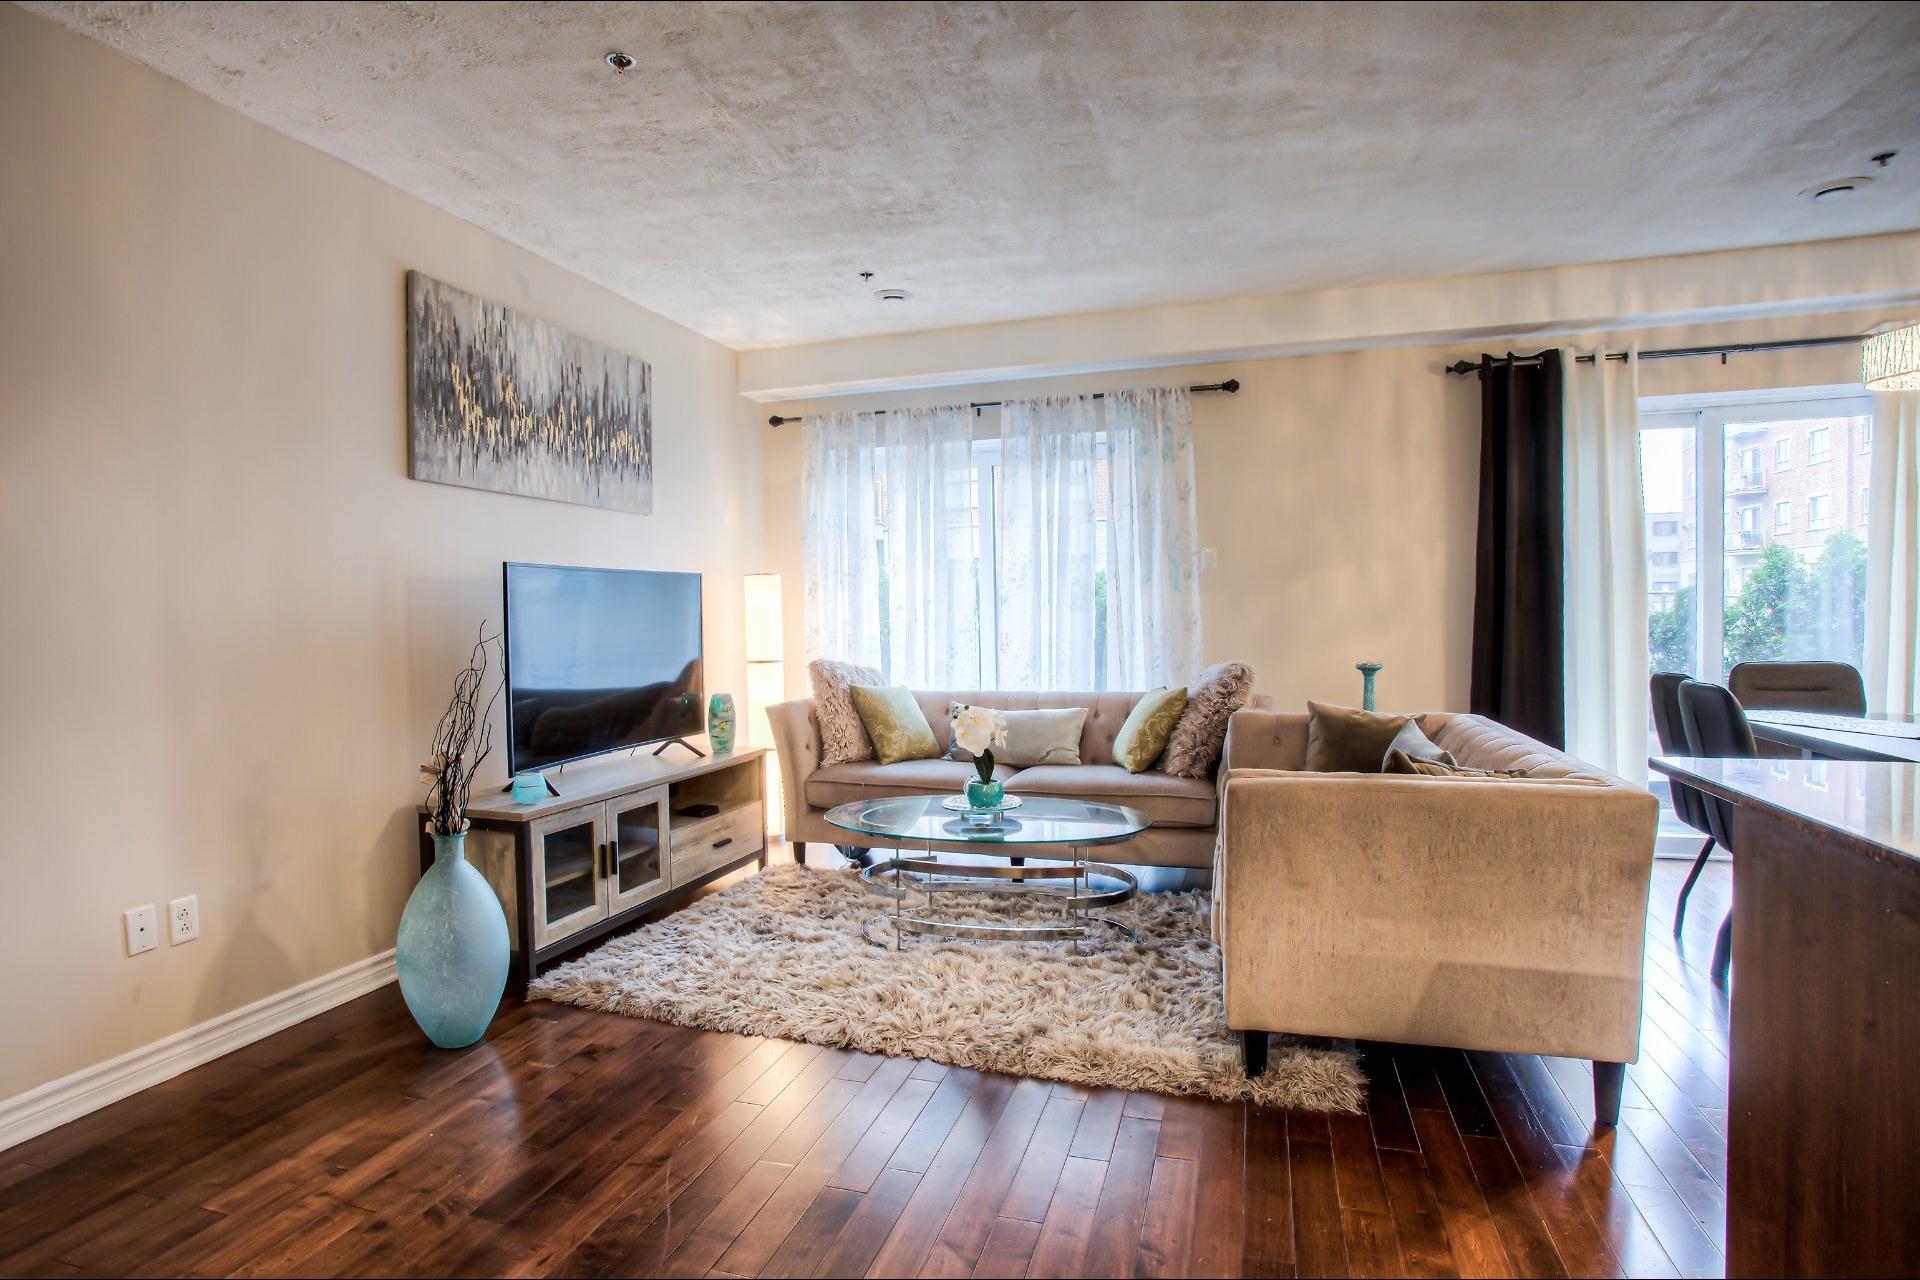 image 10 - Apartment For sale Saint-Laurent Montréal  - 9 rooms